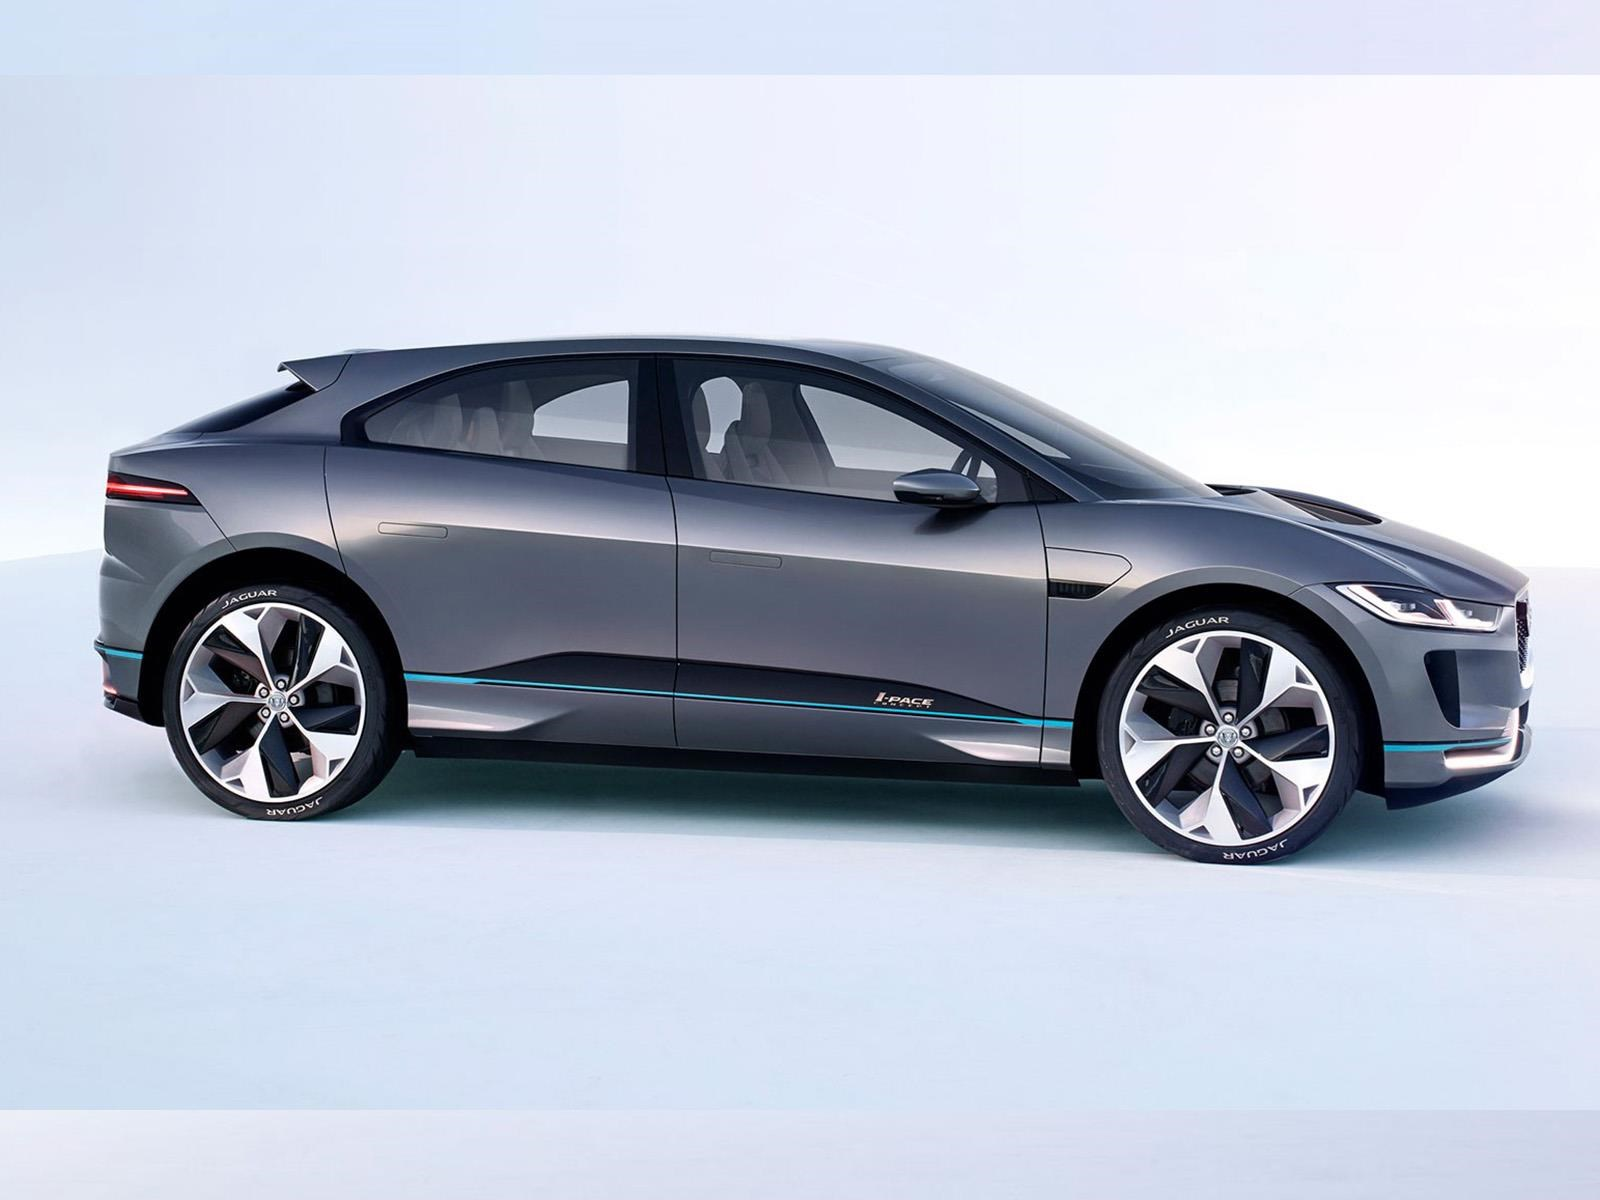 Jaguar y Land Rover planean lanzar nueva marca intermedia